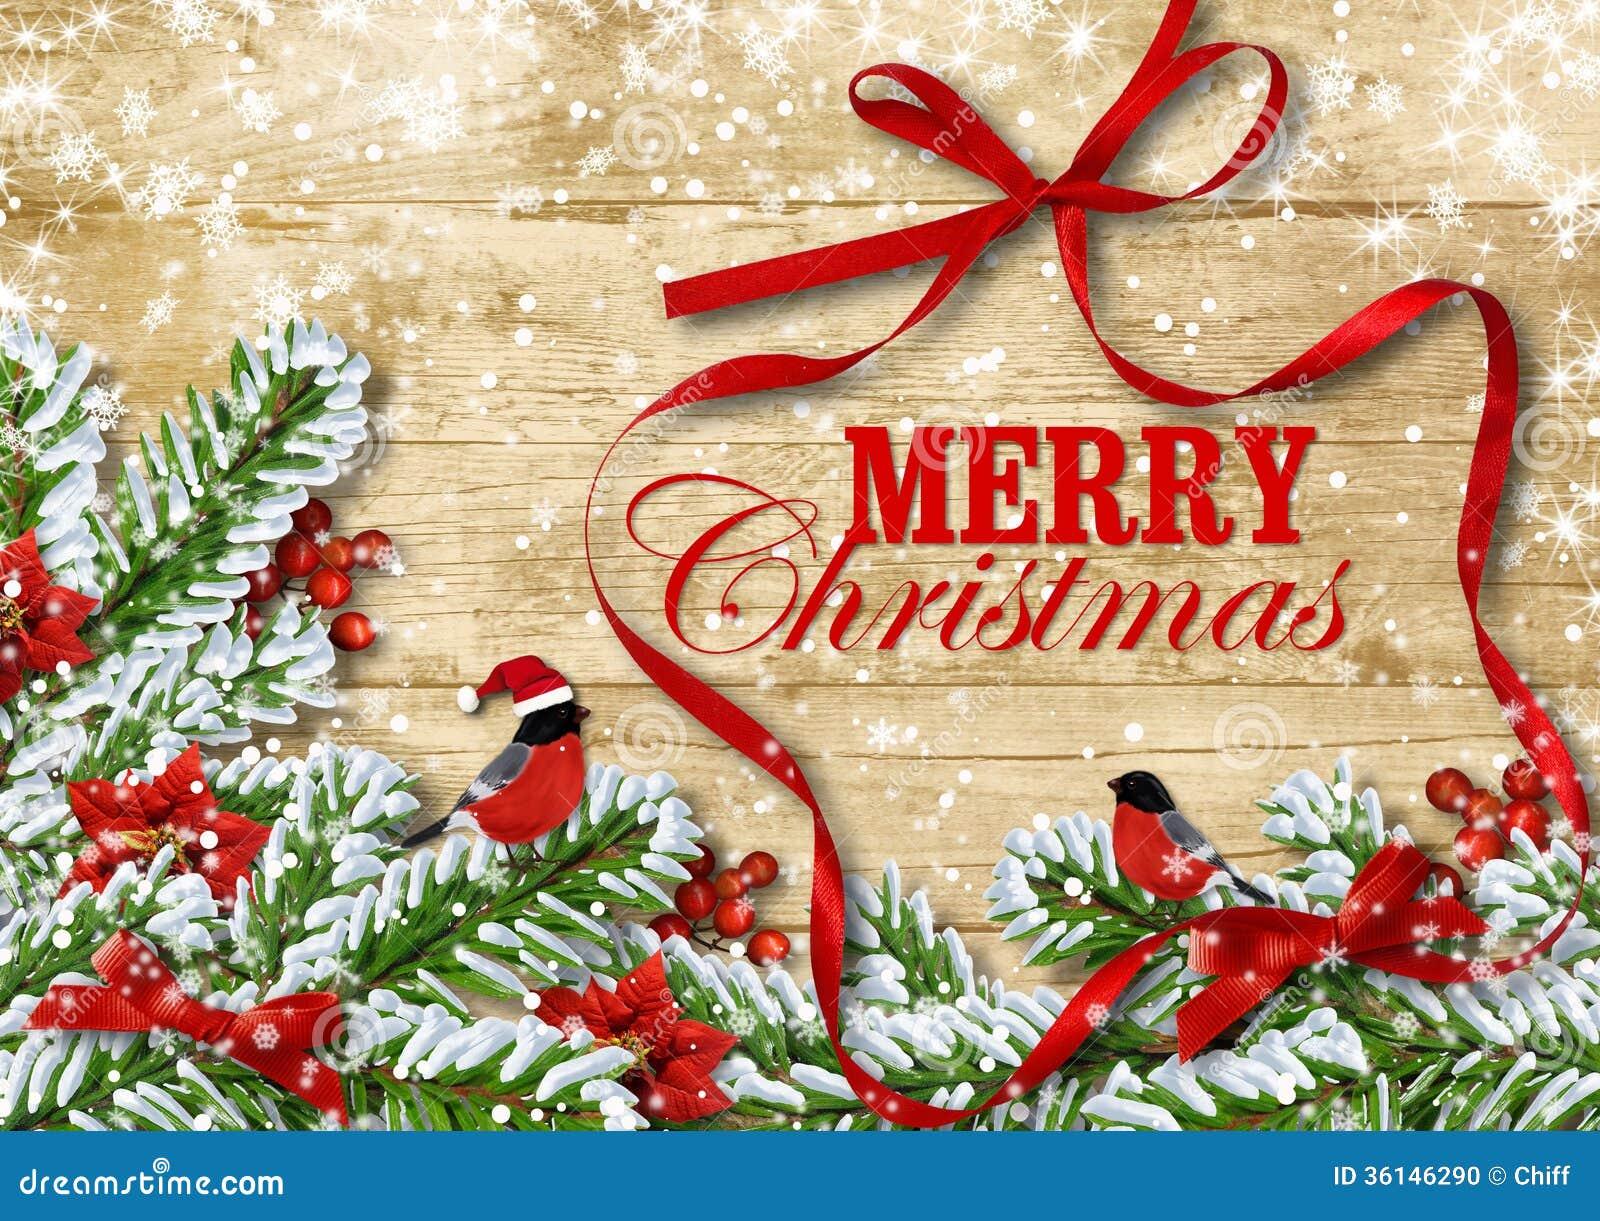 Πανέμορφη κάρτα Χριστουγέννων. Bullfinches στους κλάδους χιονιού. για το congr